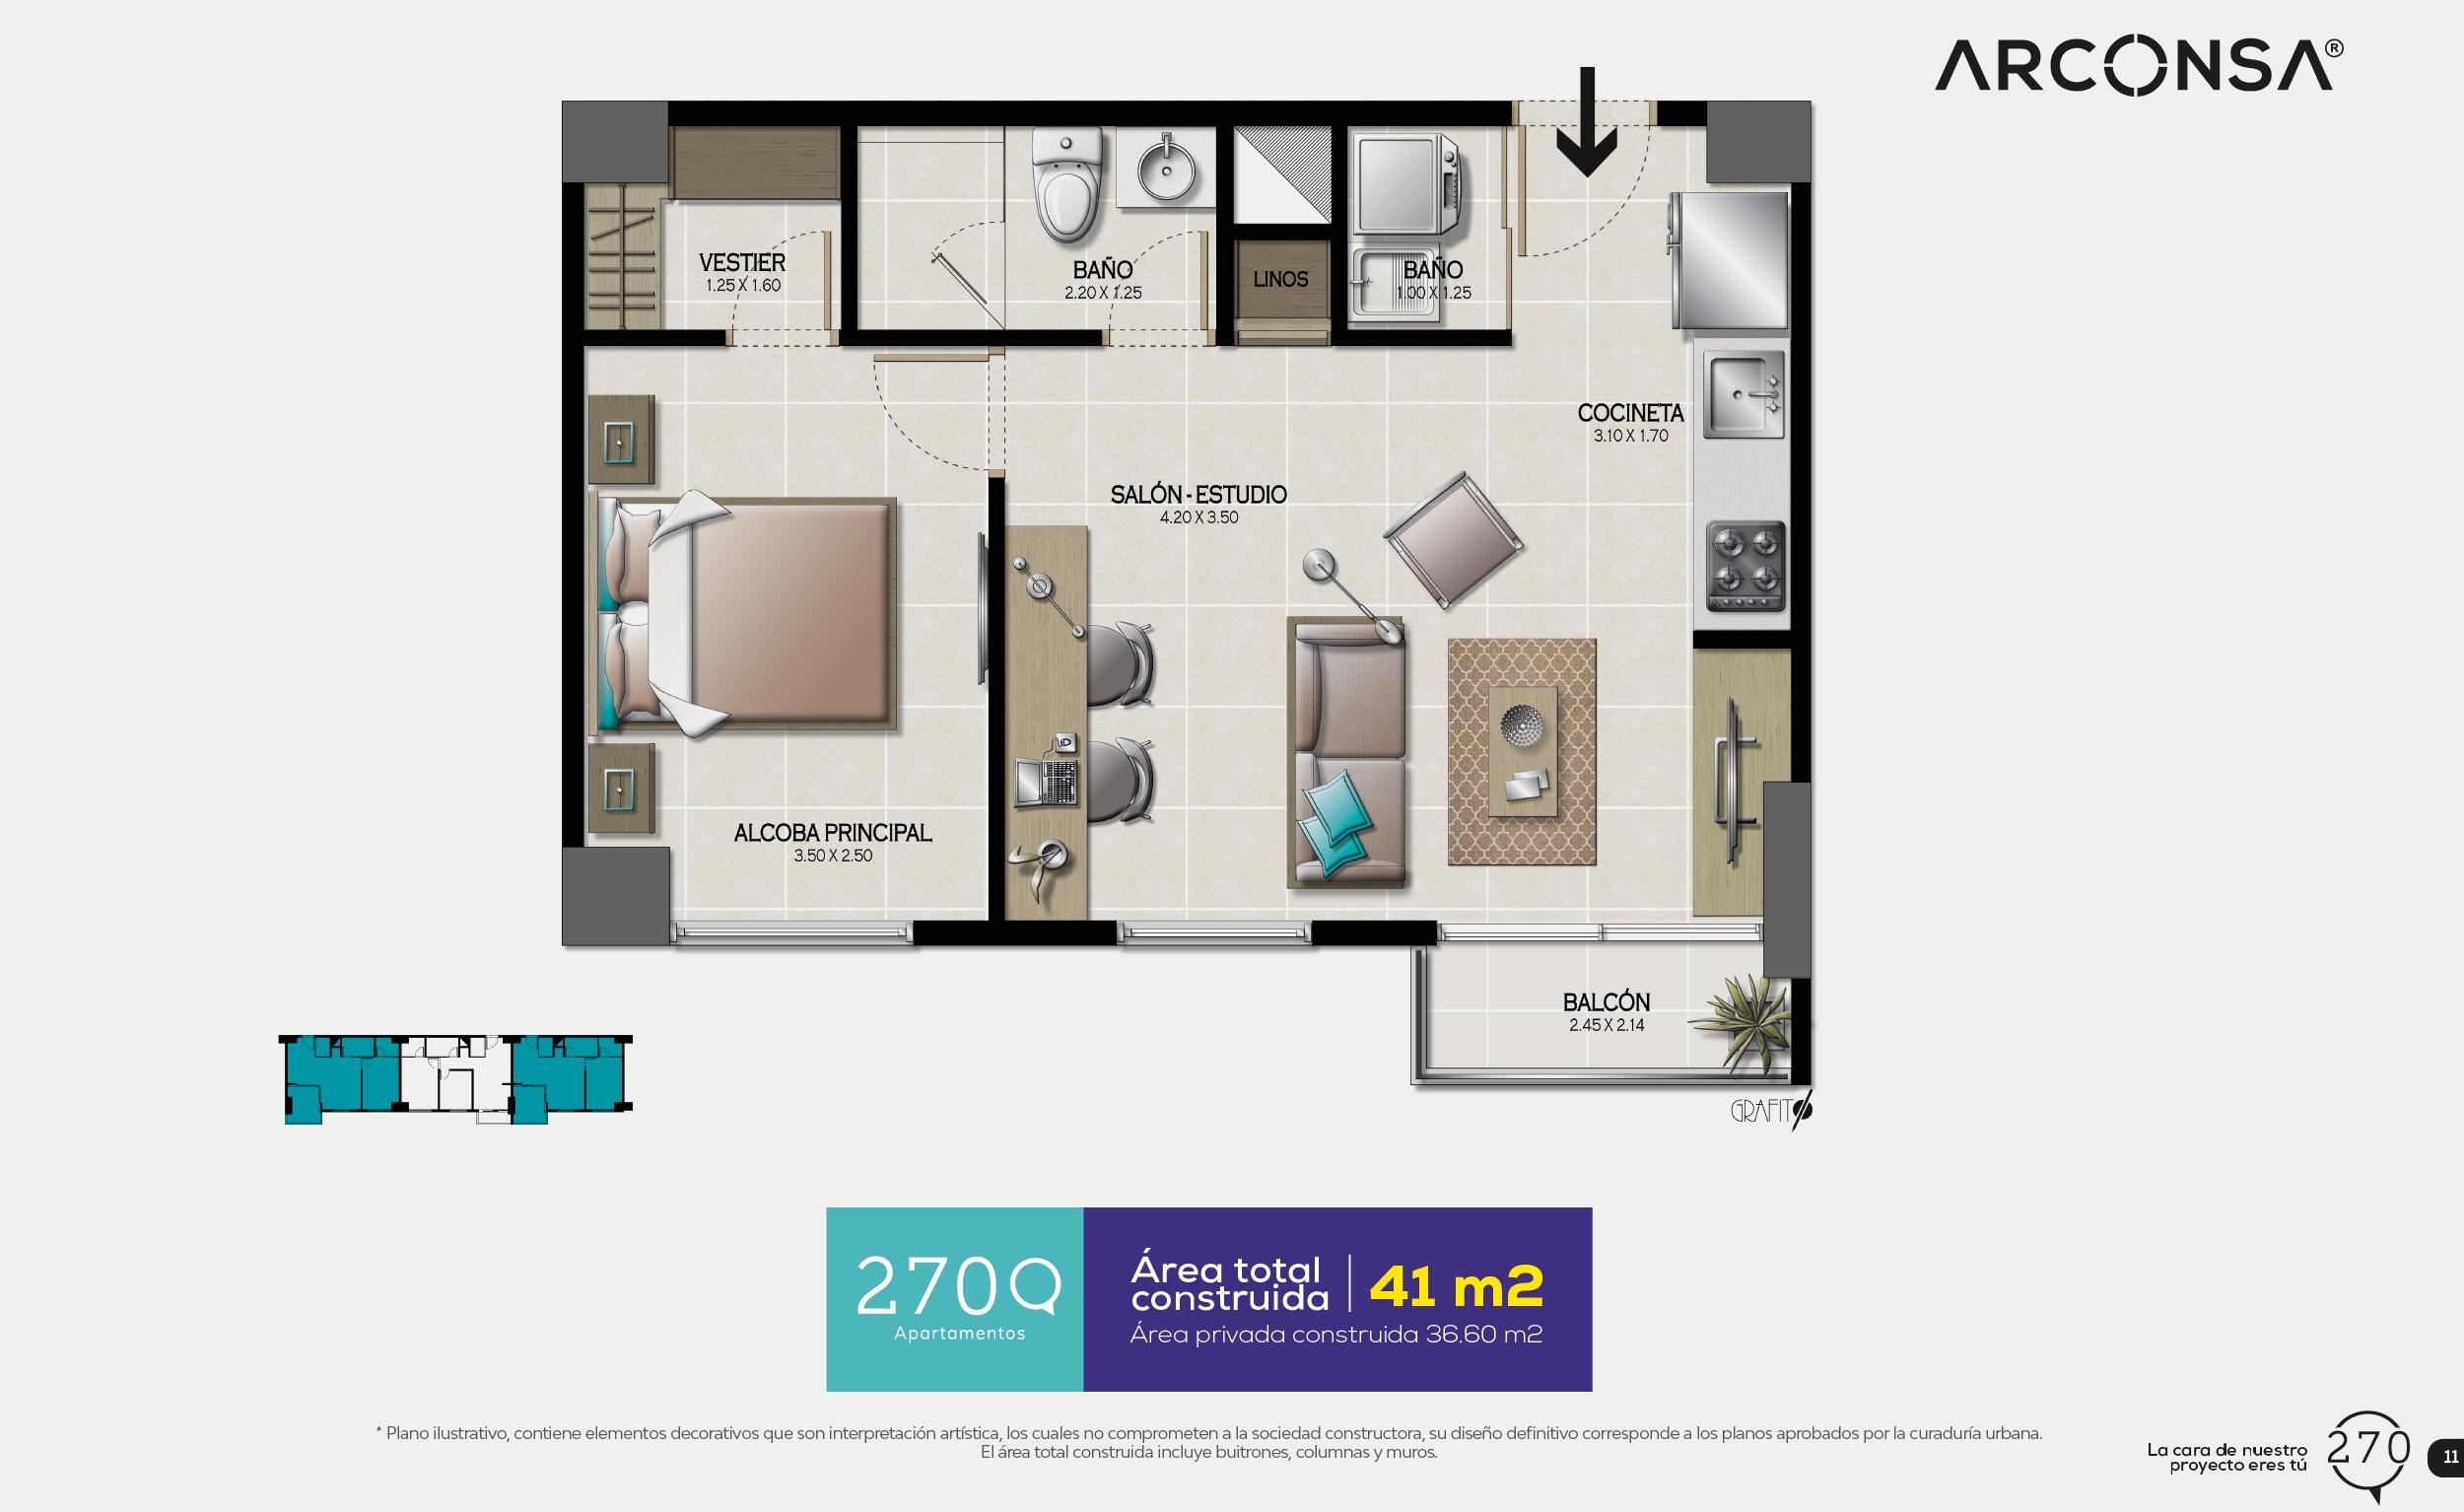 Planos del proyecto 270Q